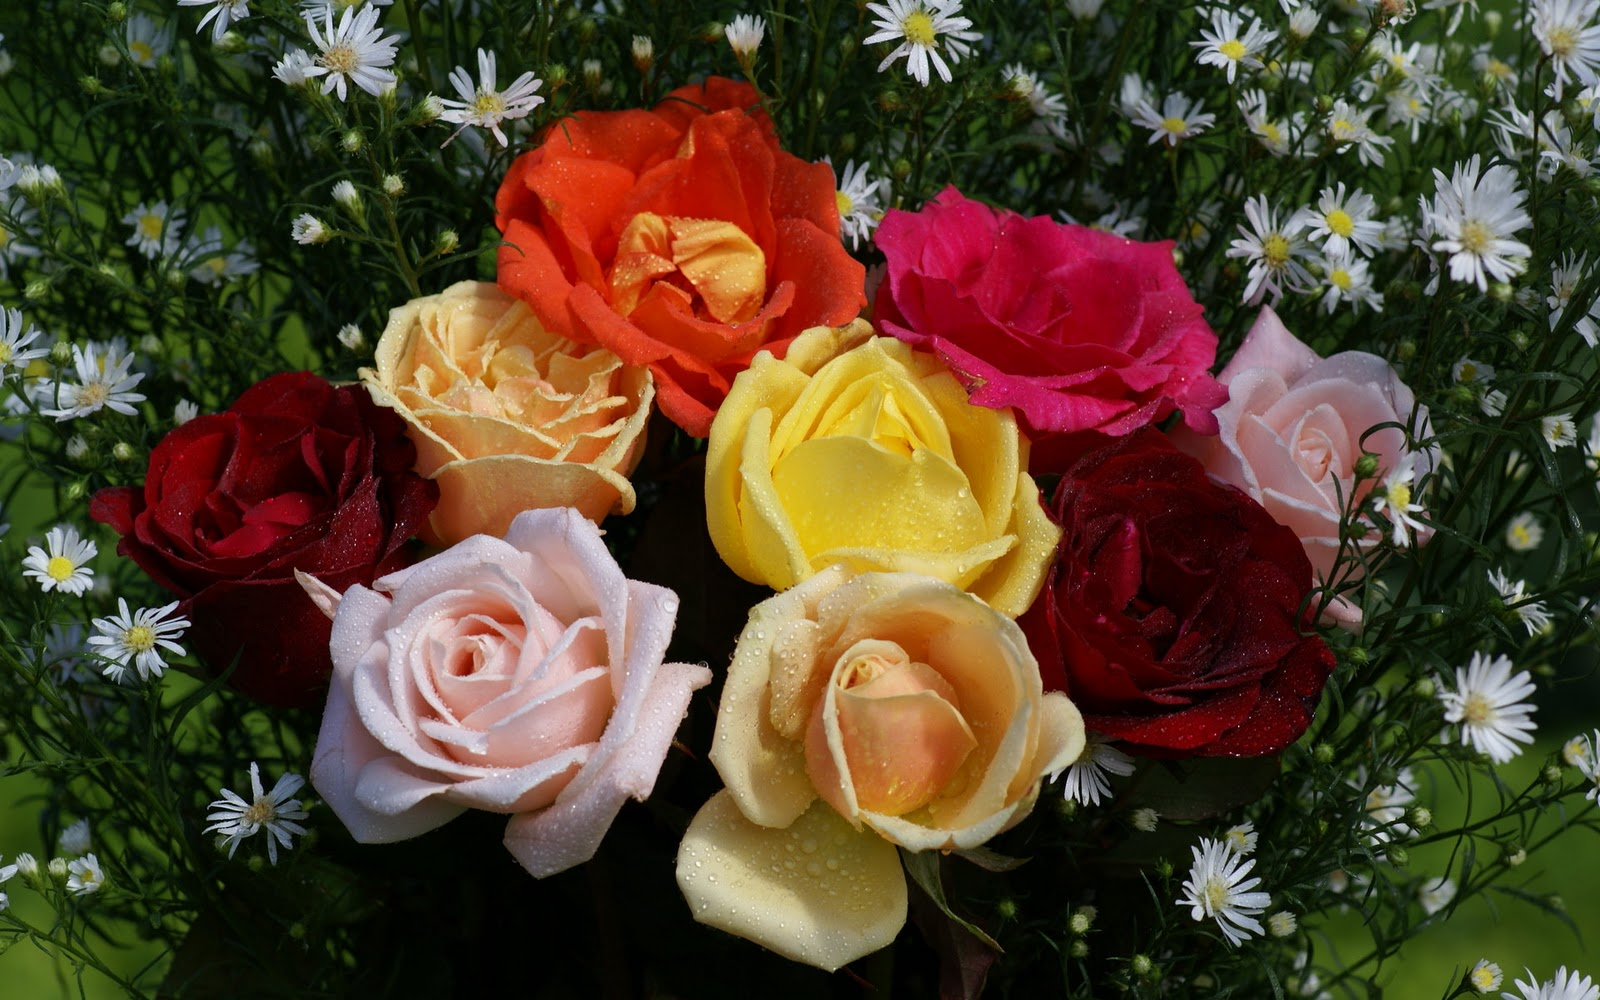 Beautiful roses wallpapers rose wallpapers - Beautiful rose wallpaper ...